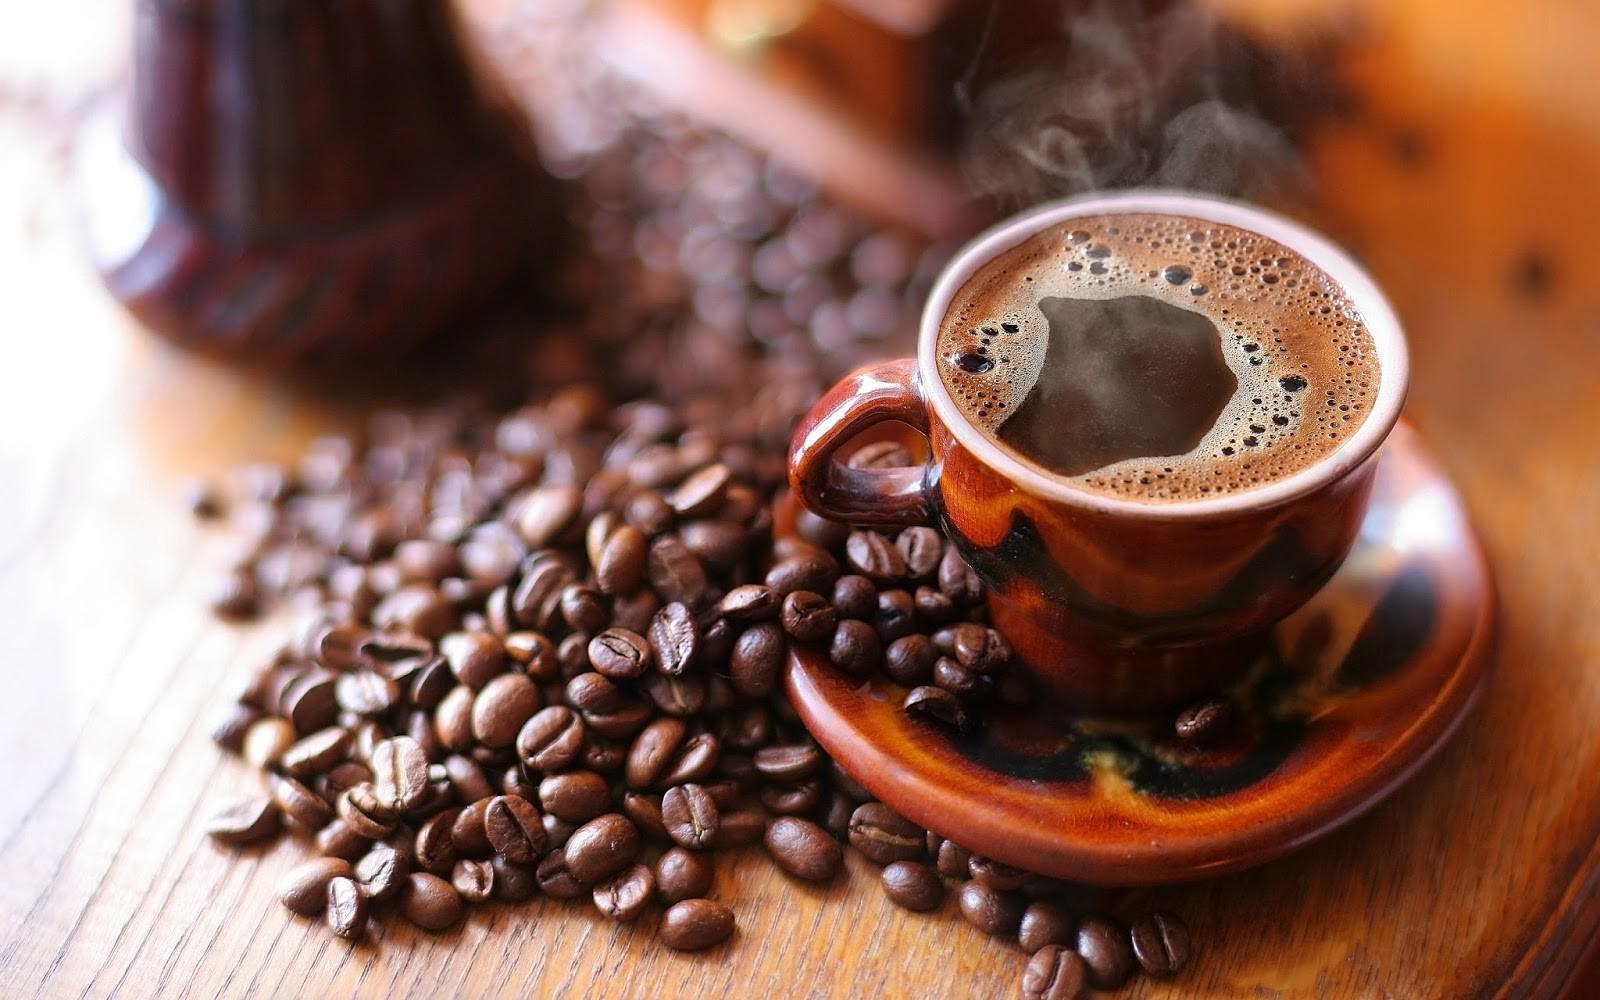 Bạn cần biết cách nhận biết cà phê sạch để lựa chọn những loại cà phê chất lượng